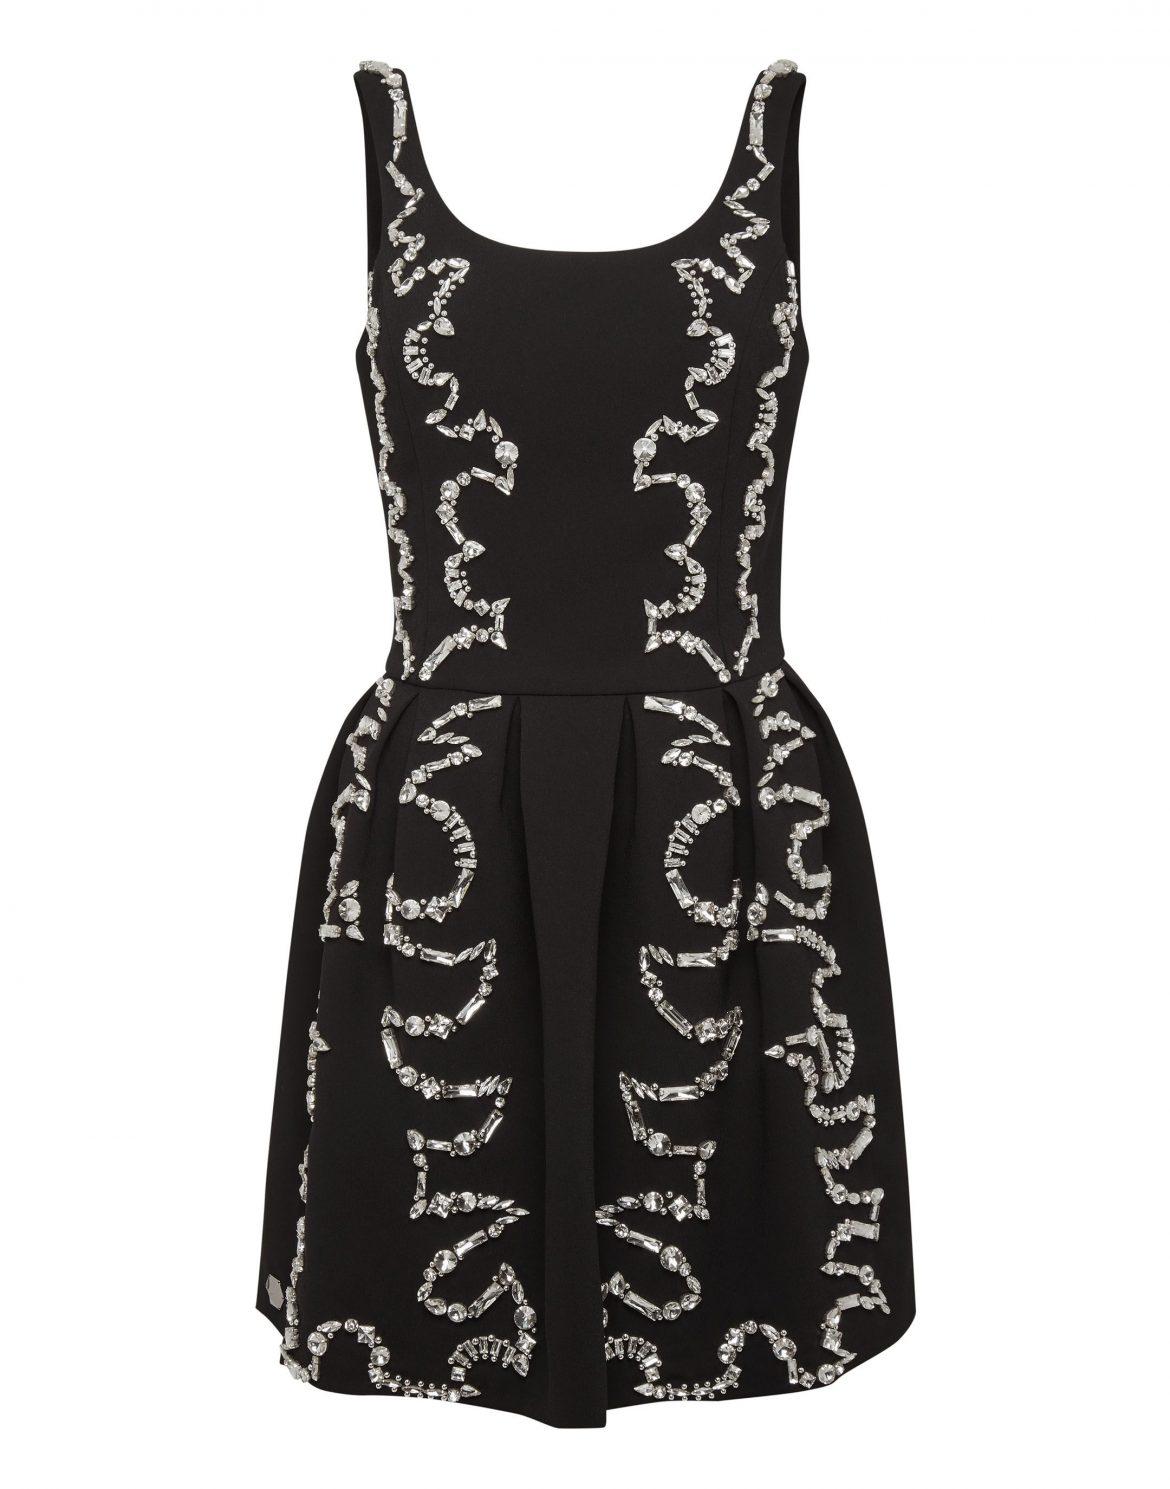 الفستان الأسود القصير المزيّن بالترتر البرّاق